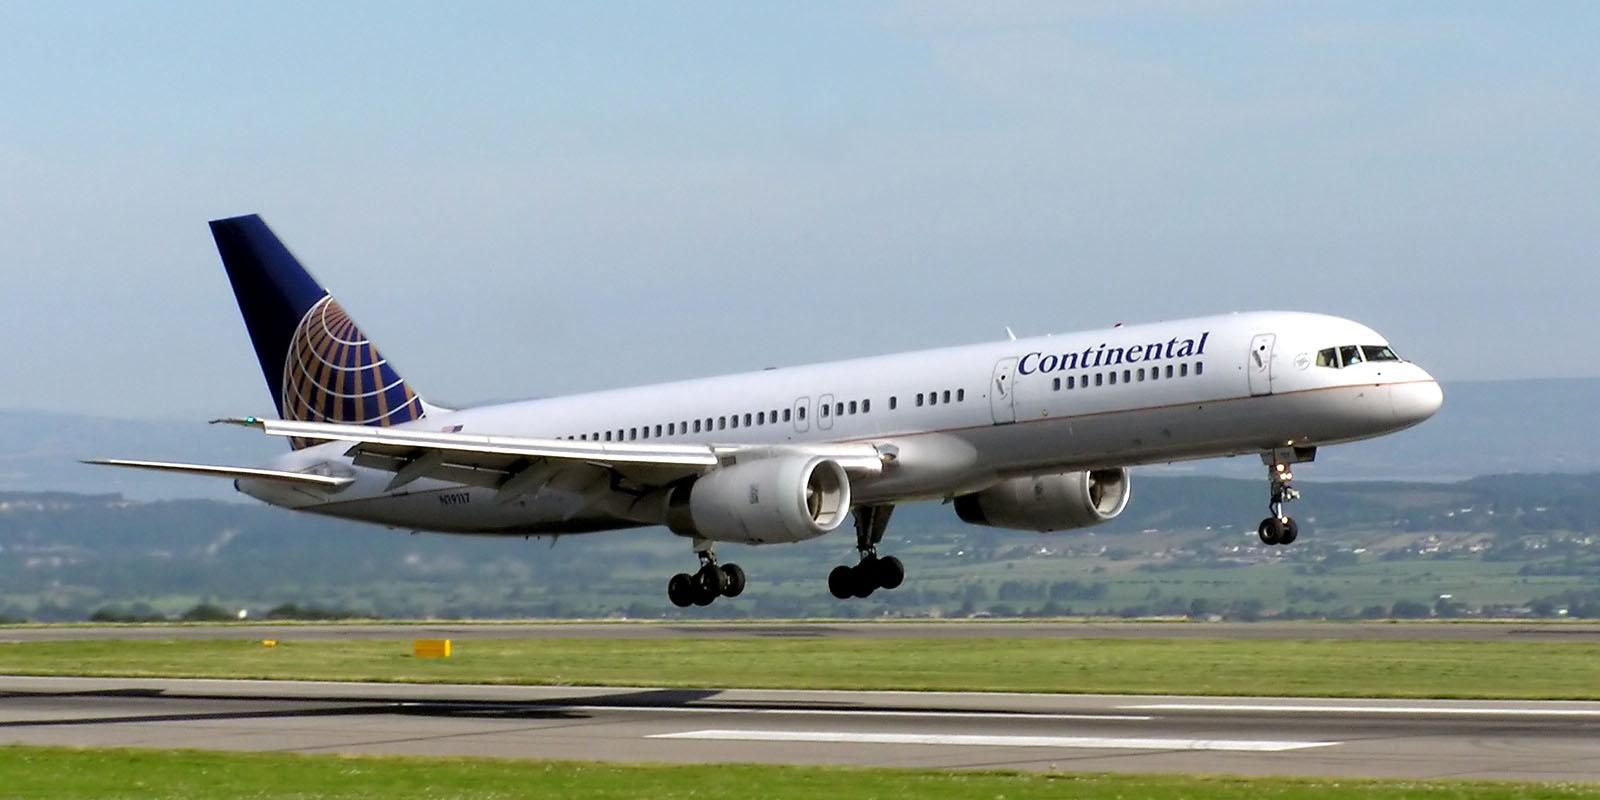 تحویل هواپیماهای ایرباس به ایران دیرتر از موعد مقرر انجام میشود